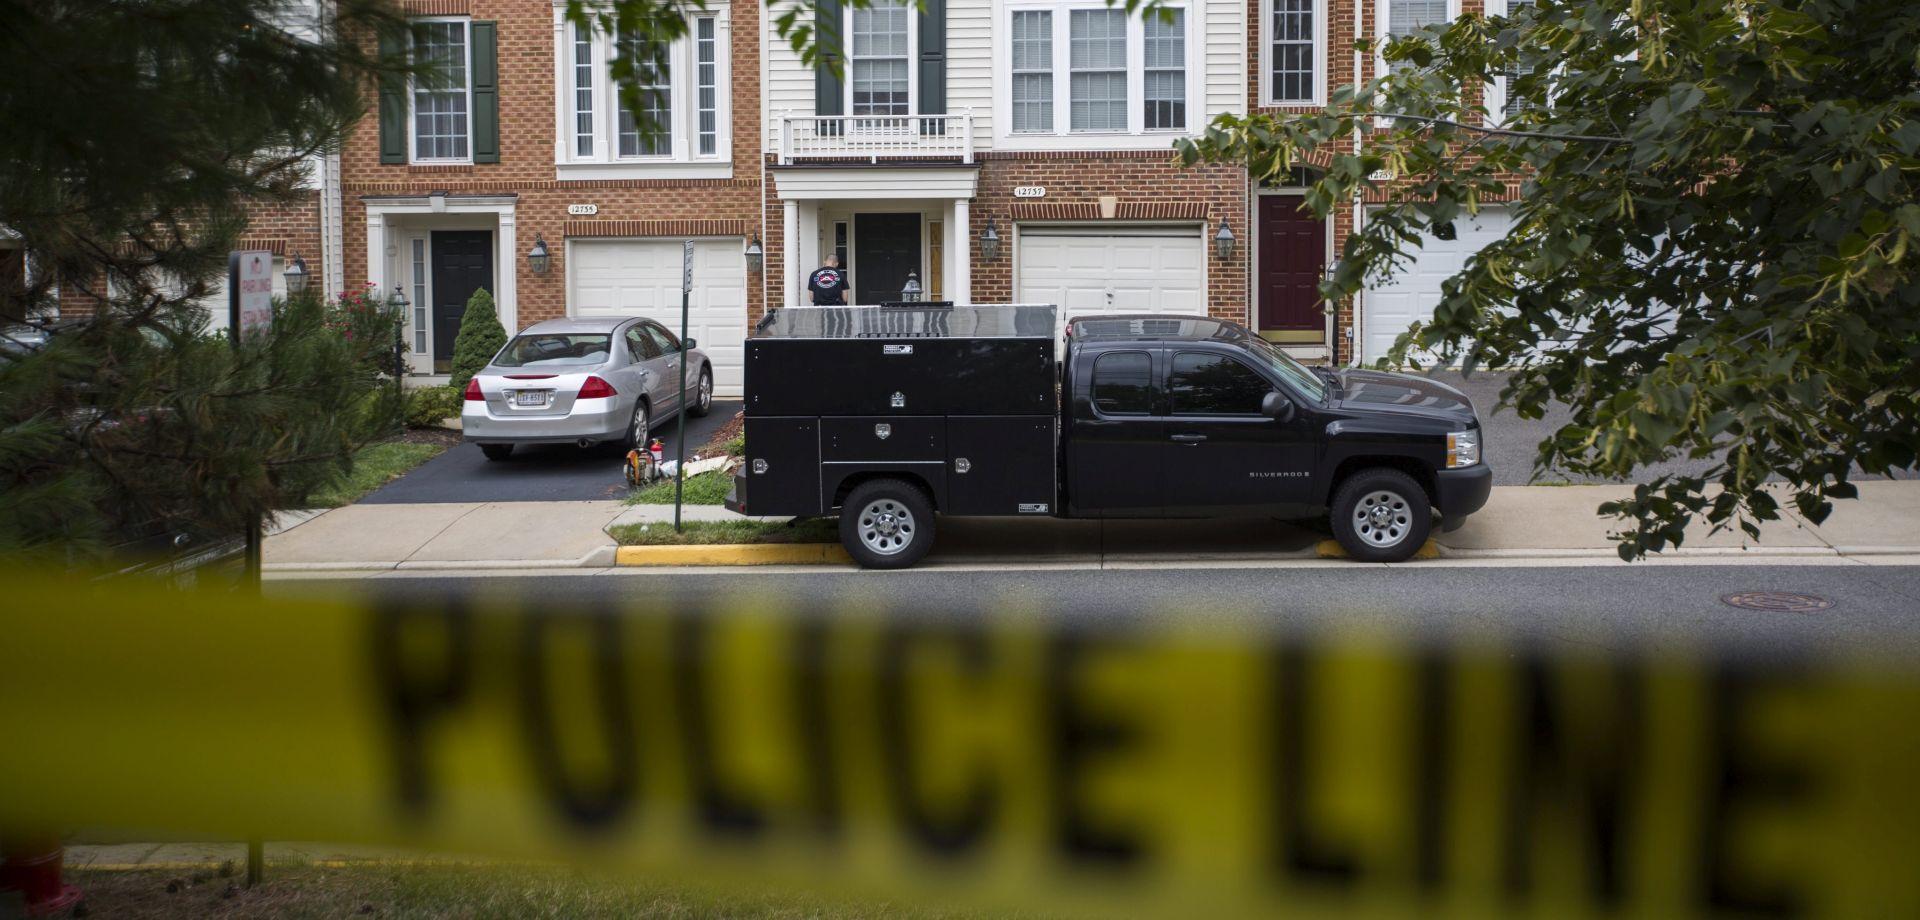 PRIJETI MU 20 GODINA ZATVORA: Policajac optužen za potporu IS-u